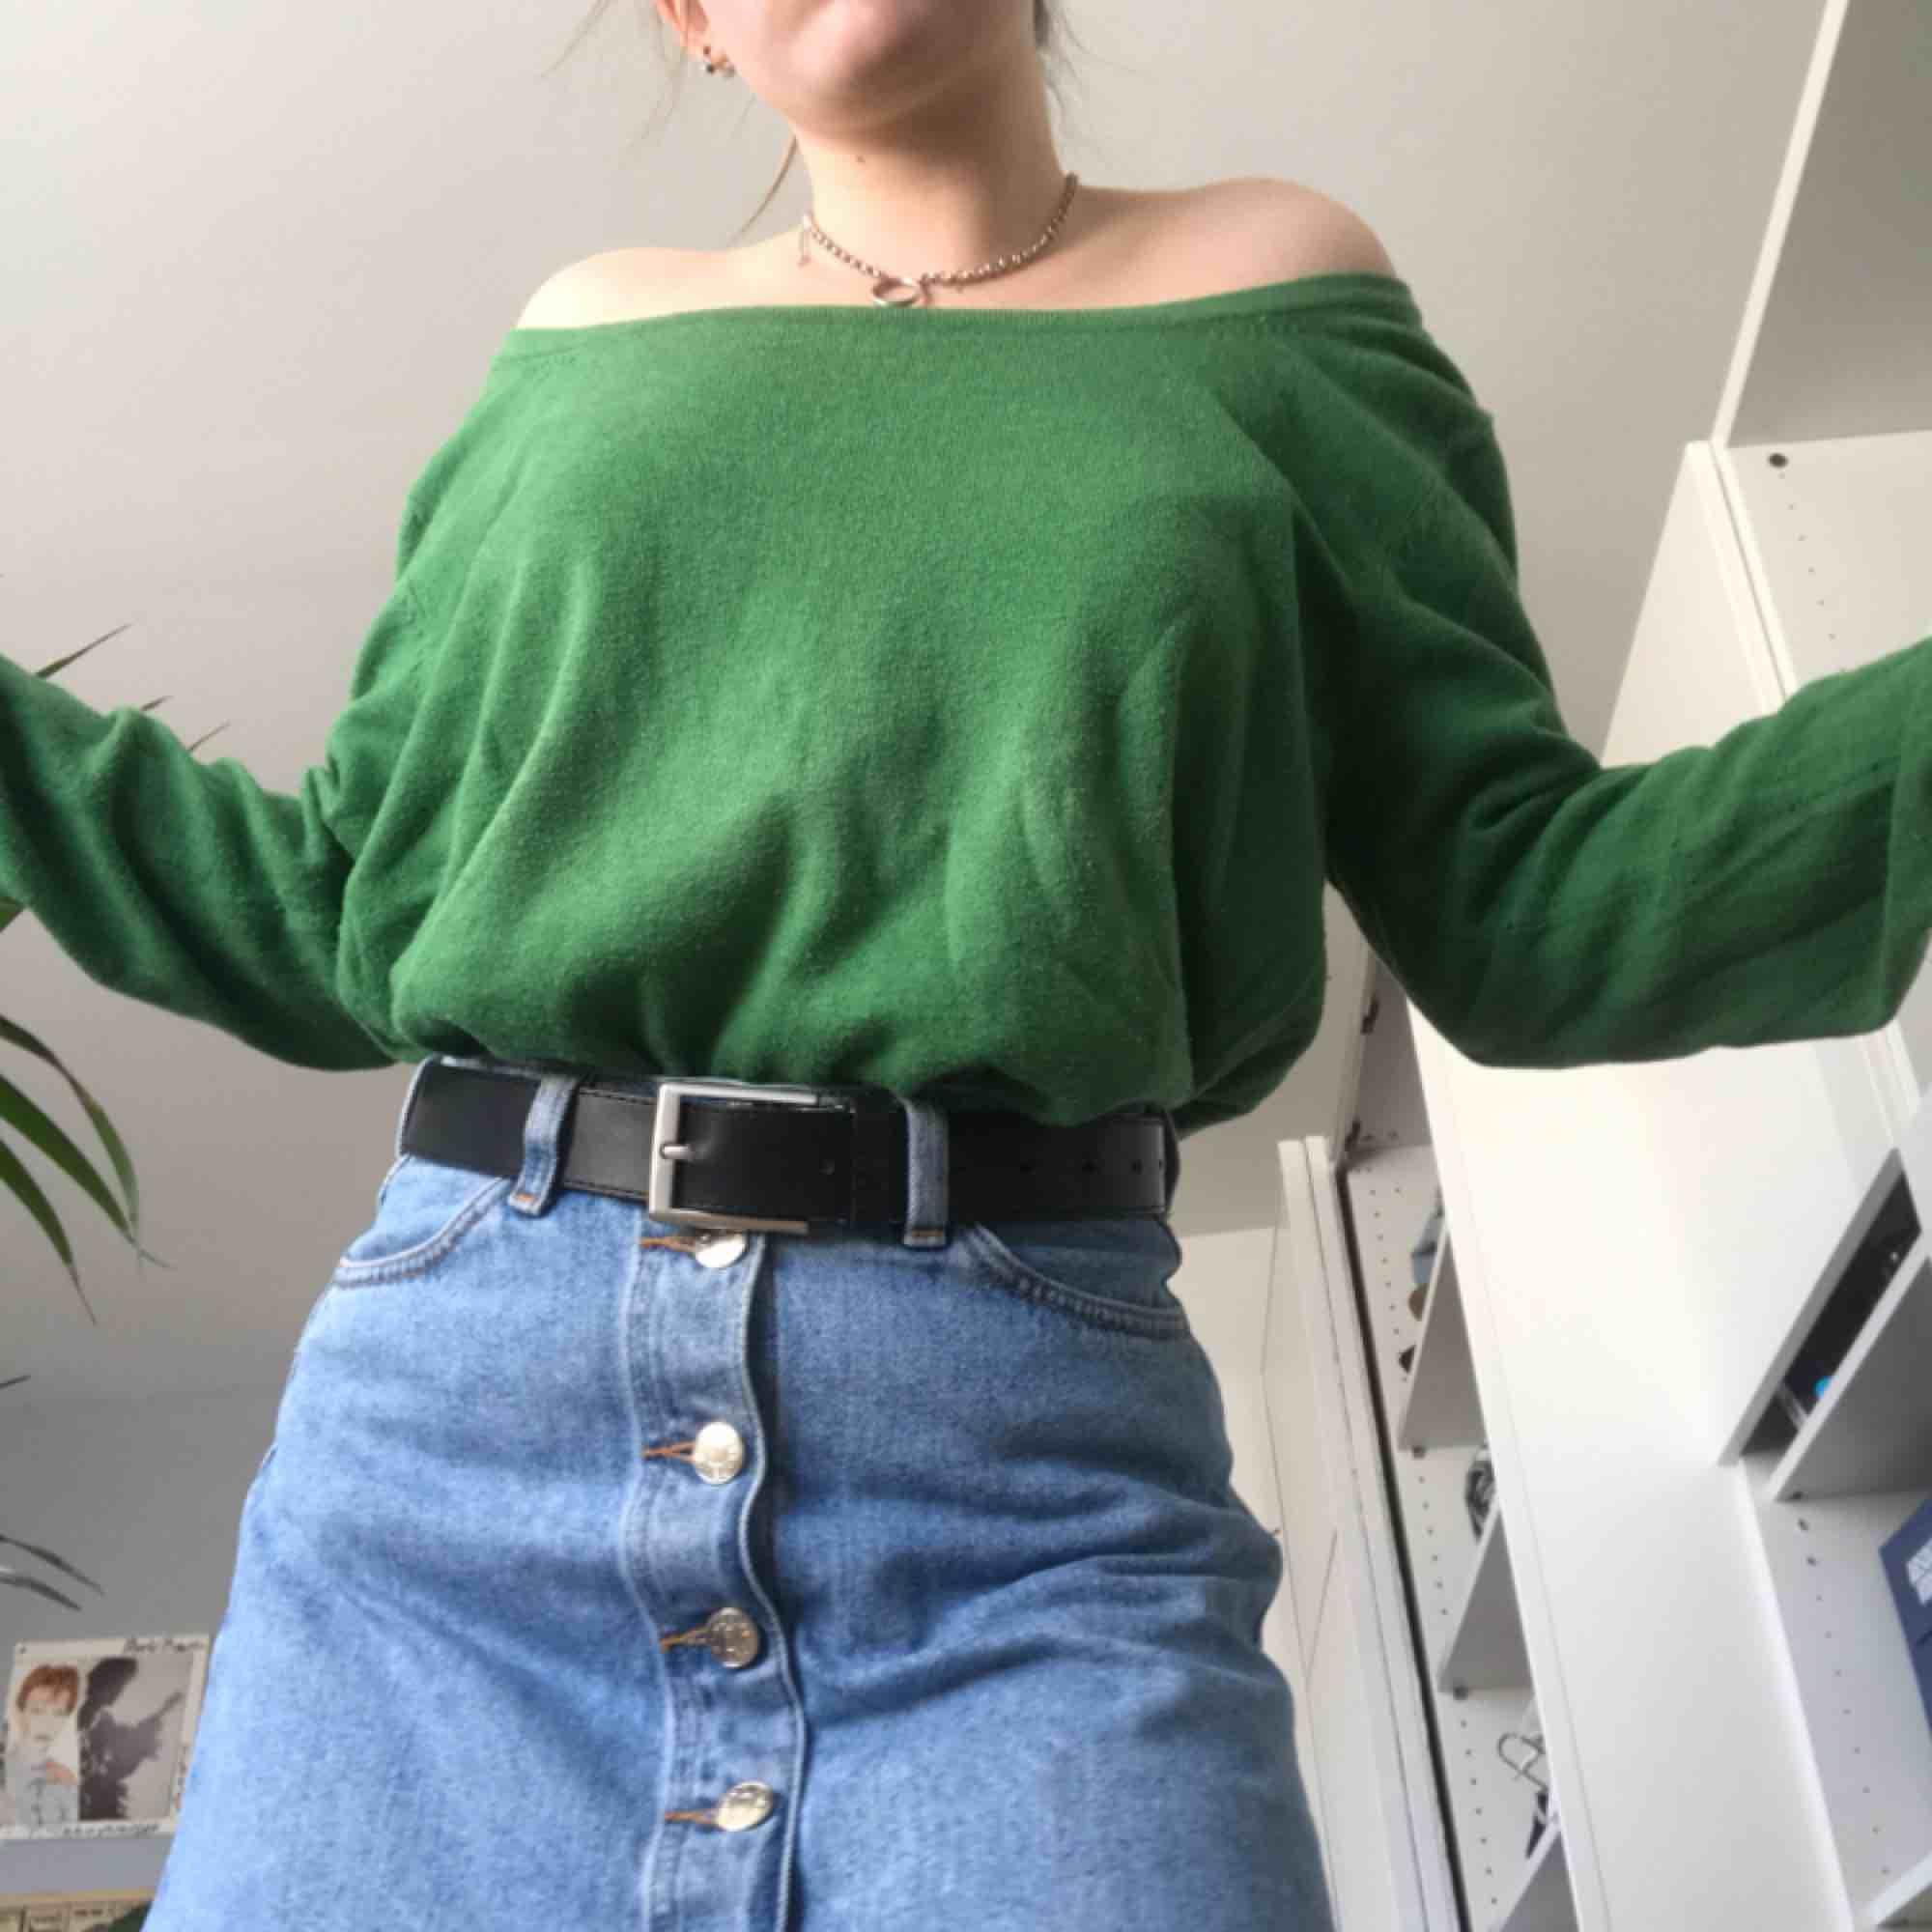 American vintage tröja nypris 900kr. Oversized och passar inprincip alla storlekar. Skitsnygg färg och vintagevibe men är tyvärr lite stor för mig. Passar bra med ett coolt bälte! Pris kan diskuteras och skriv om ni vill ha mer bilder! . Tröjor & Koftor.